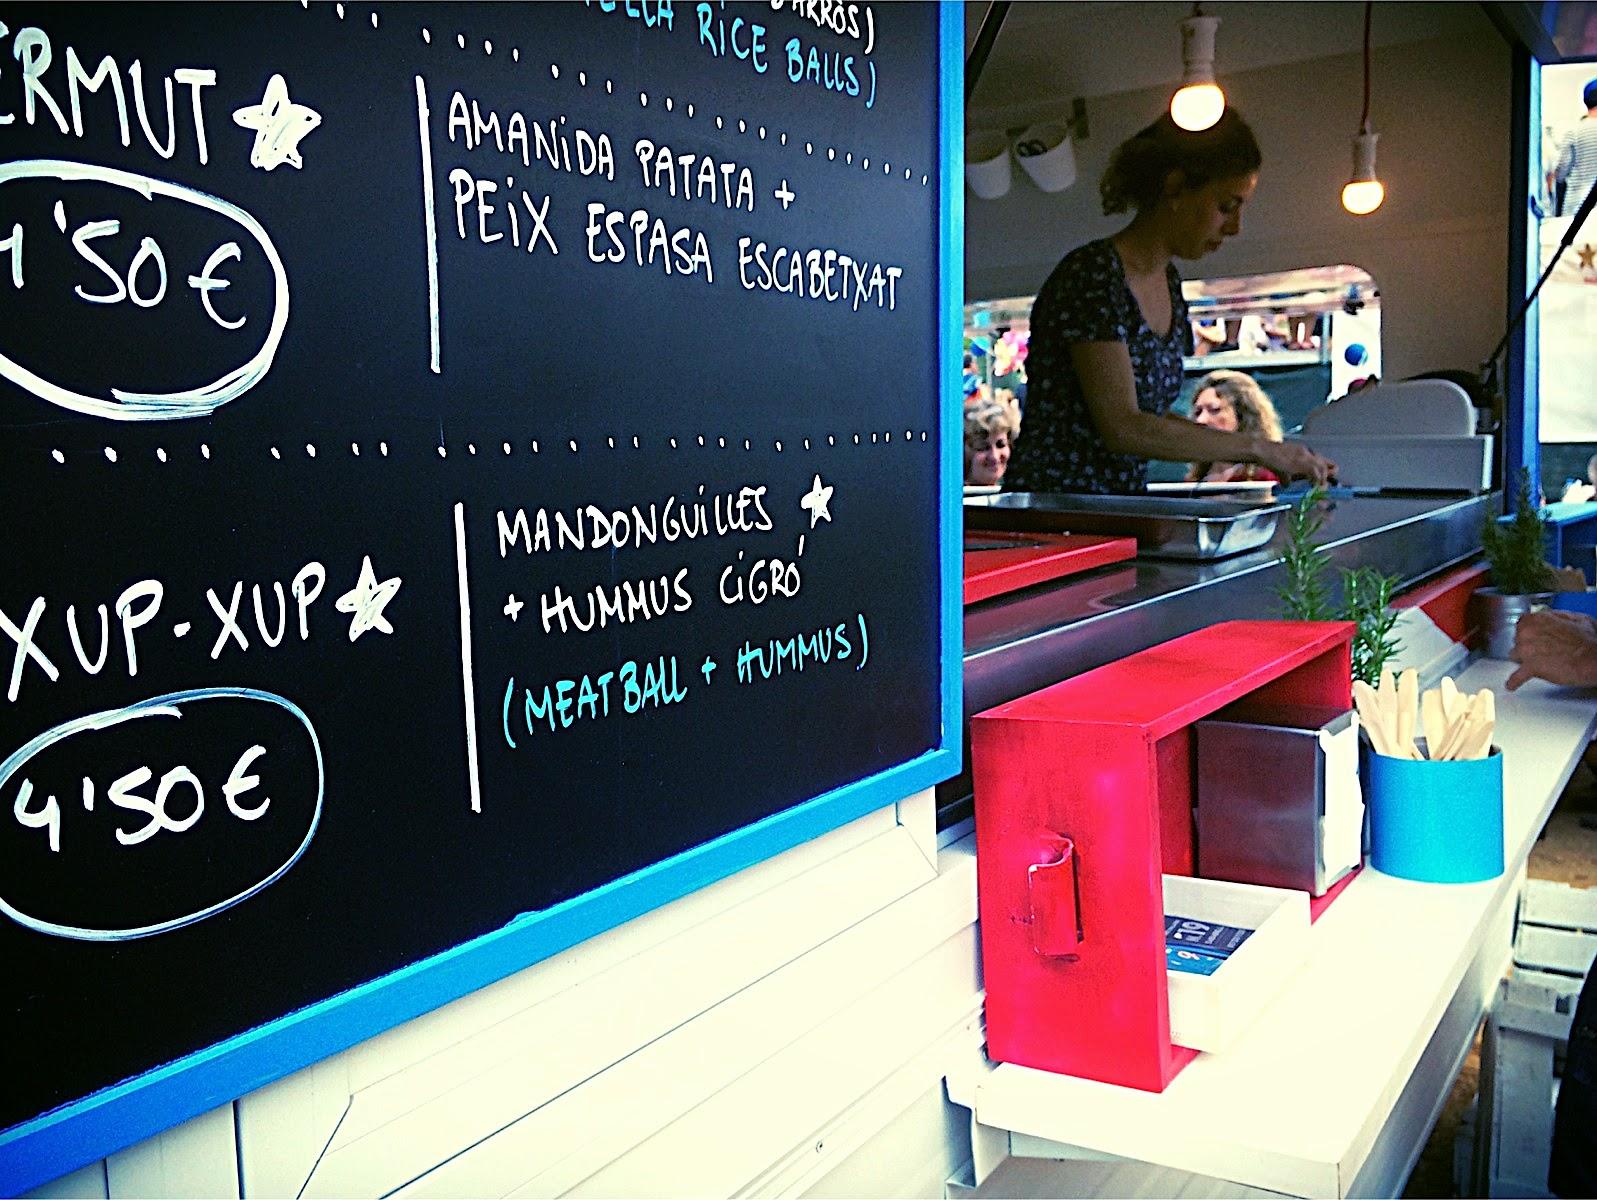 La Street Food más cool: Van Van. Mercat Gastronòmada